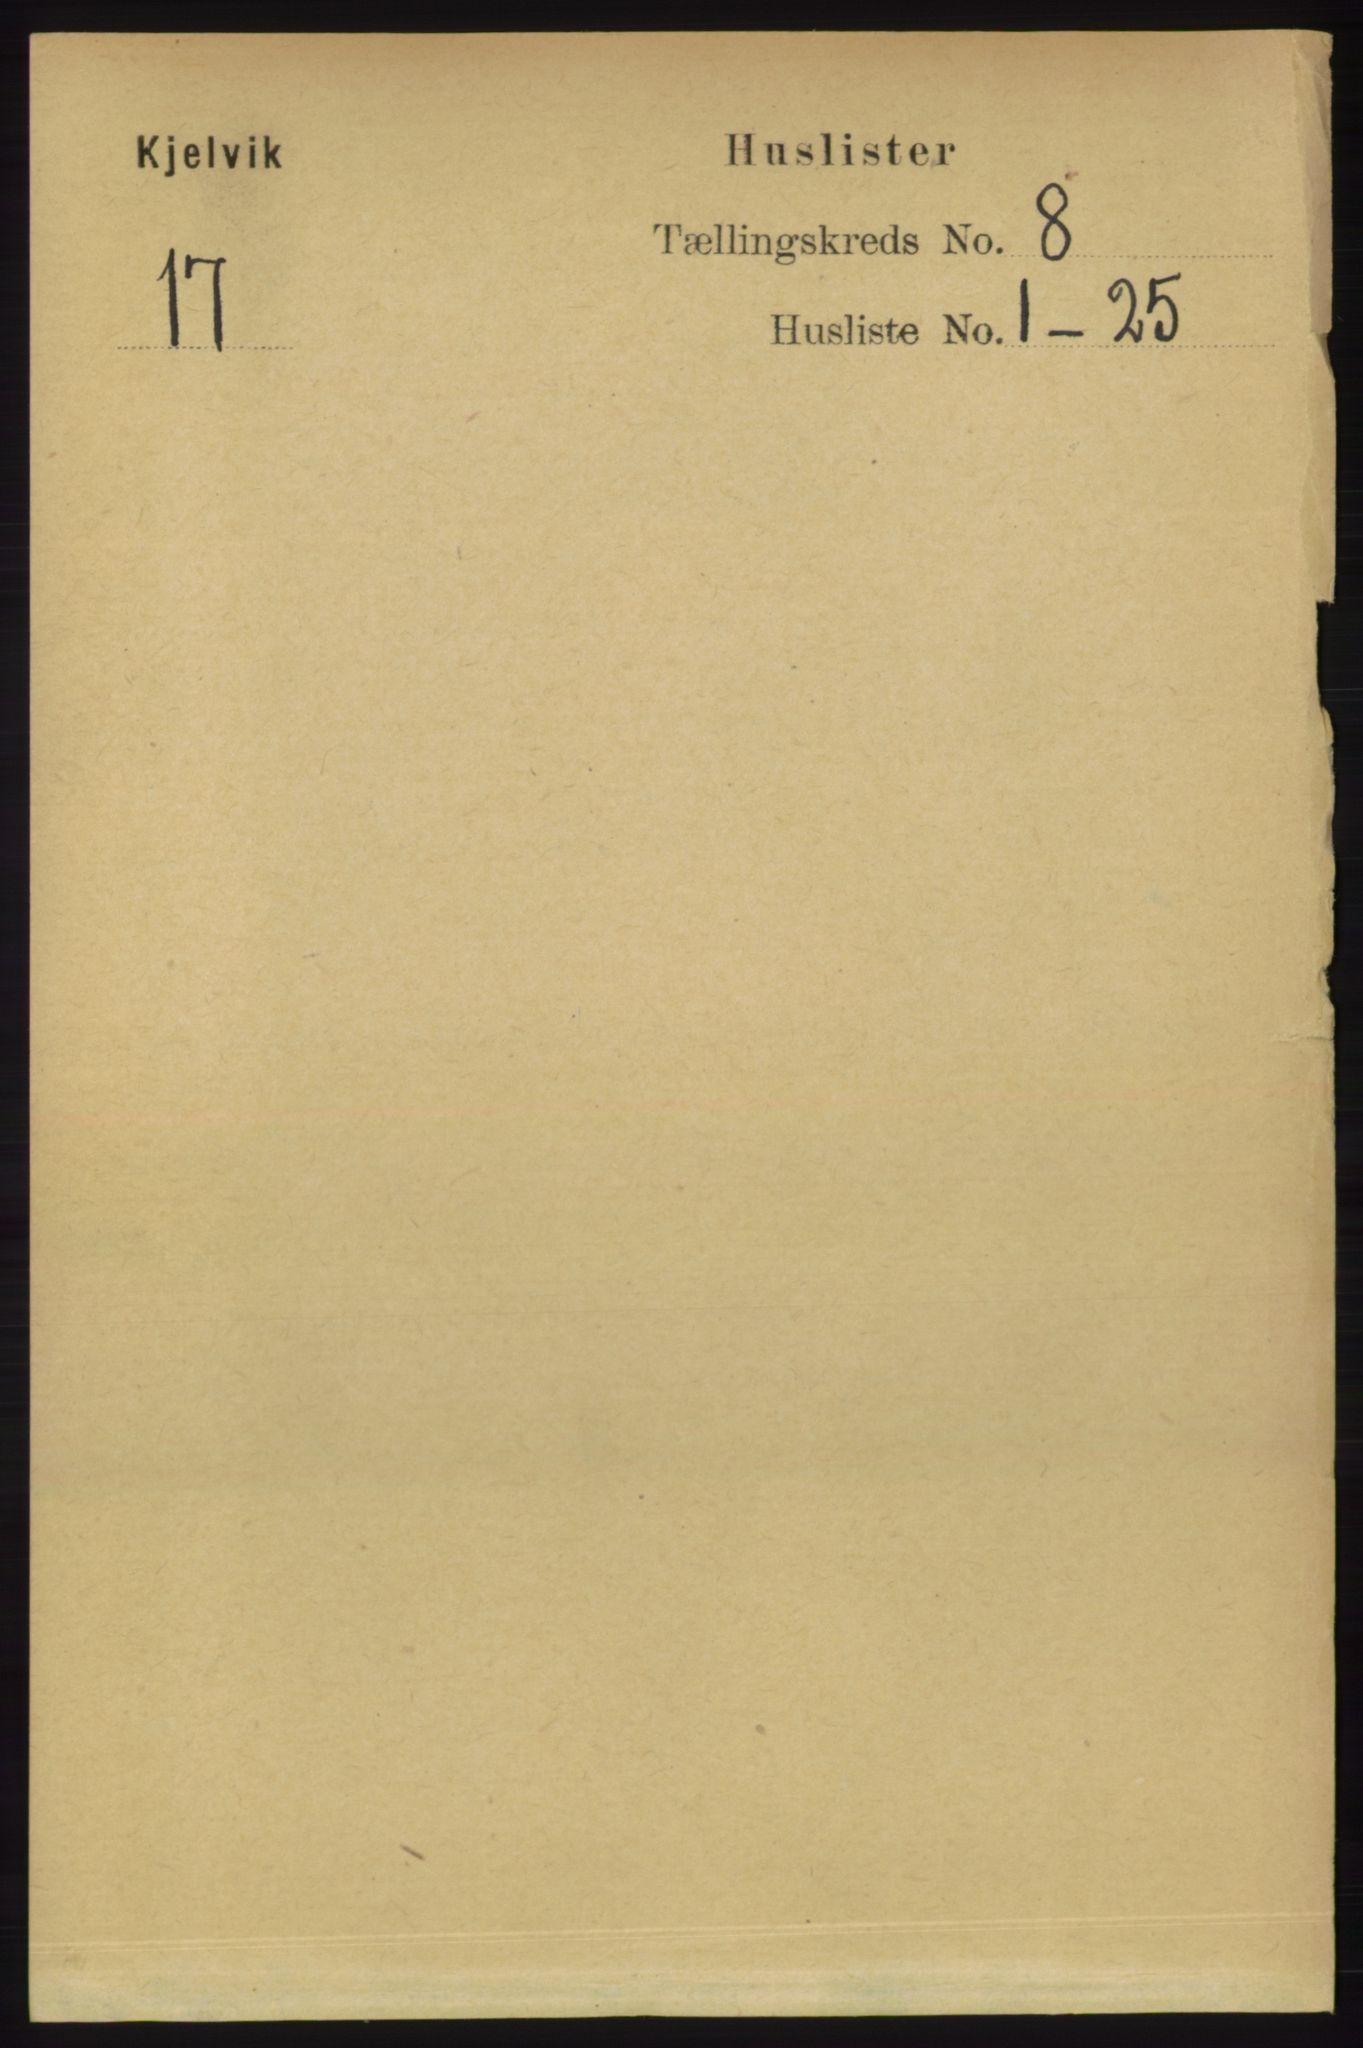 RA, Folketelling 1891 for 2019 Kjelvik herred, 1891, s. 1147